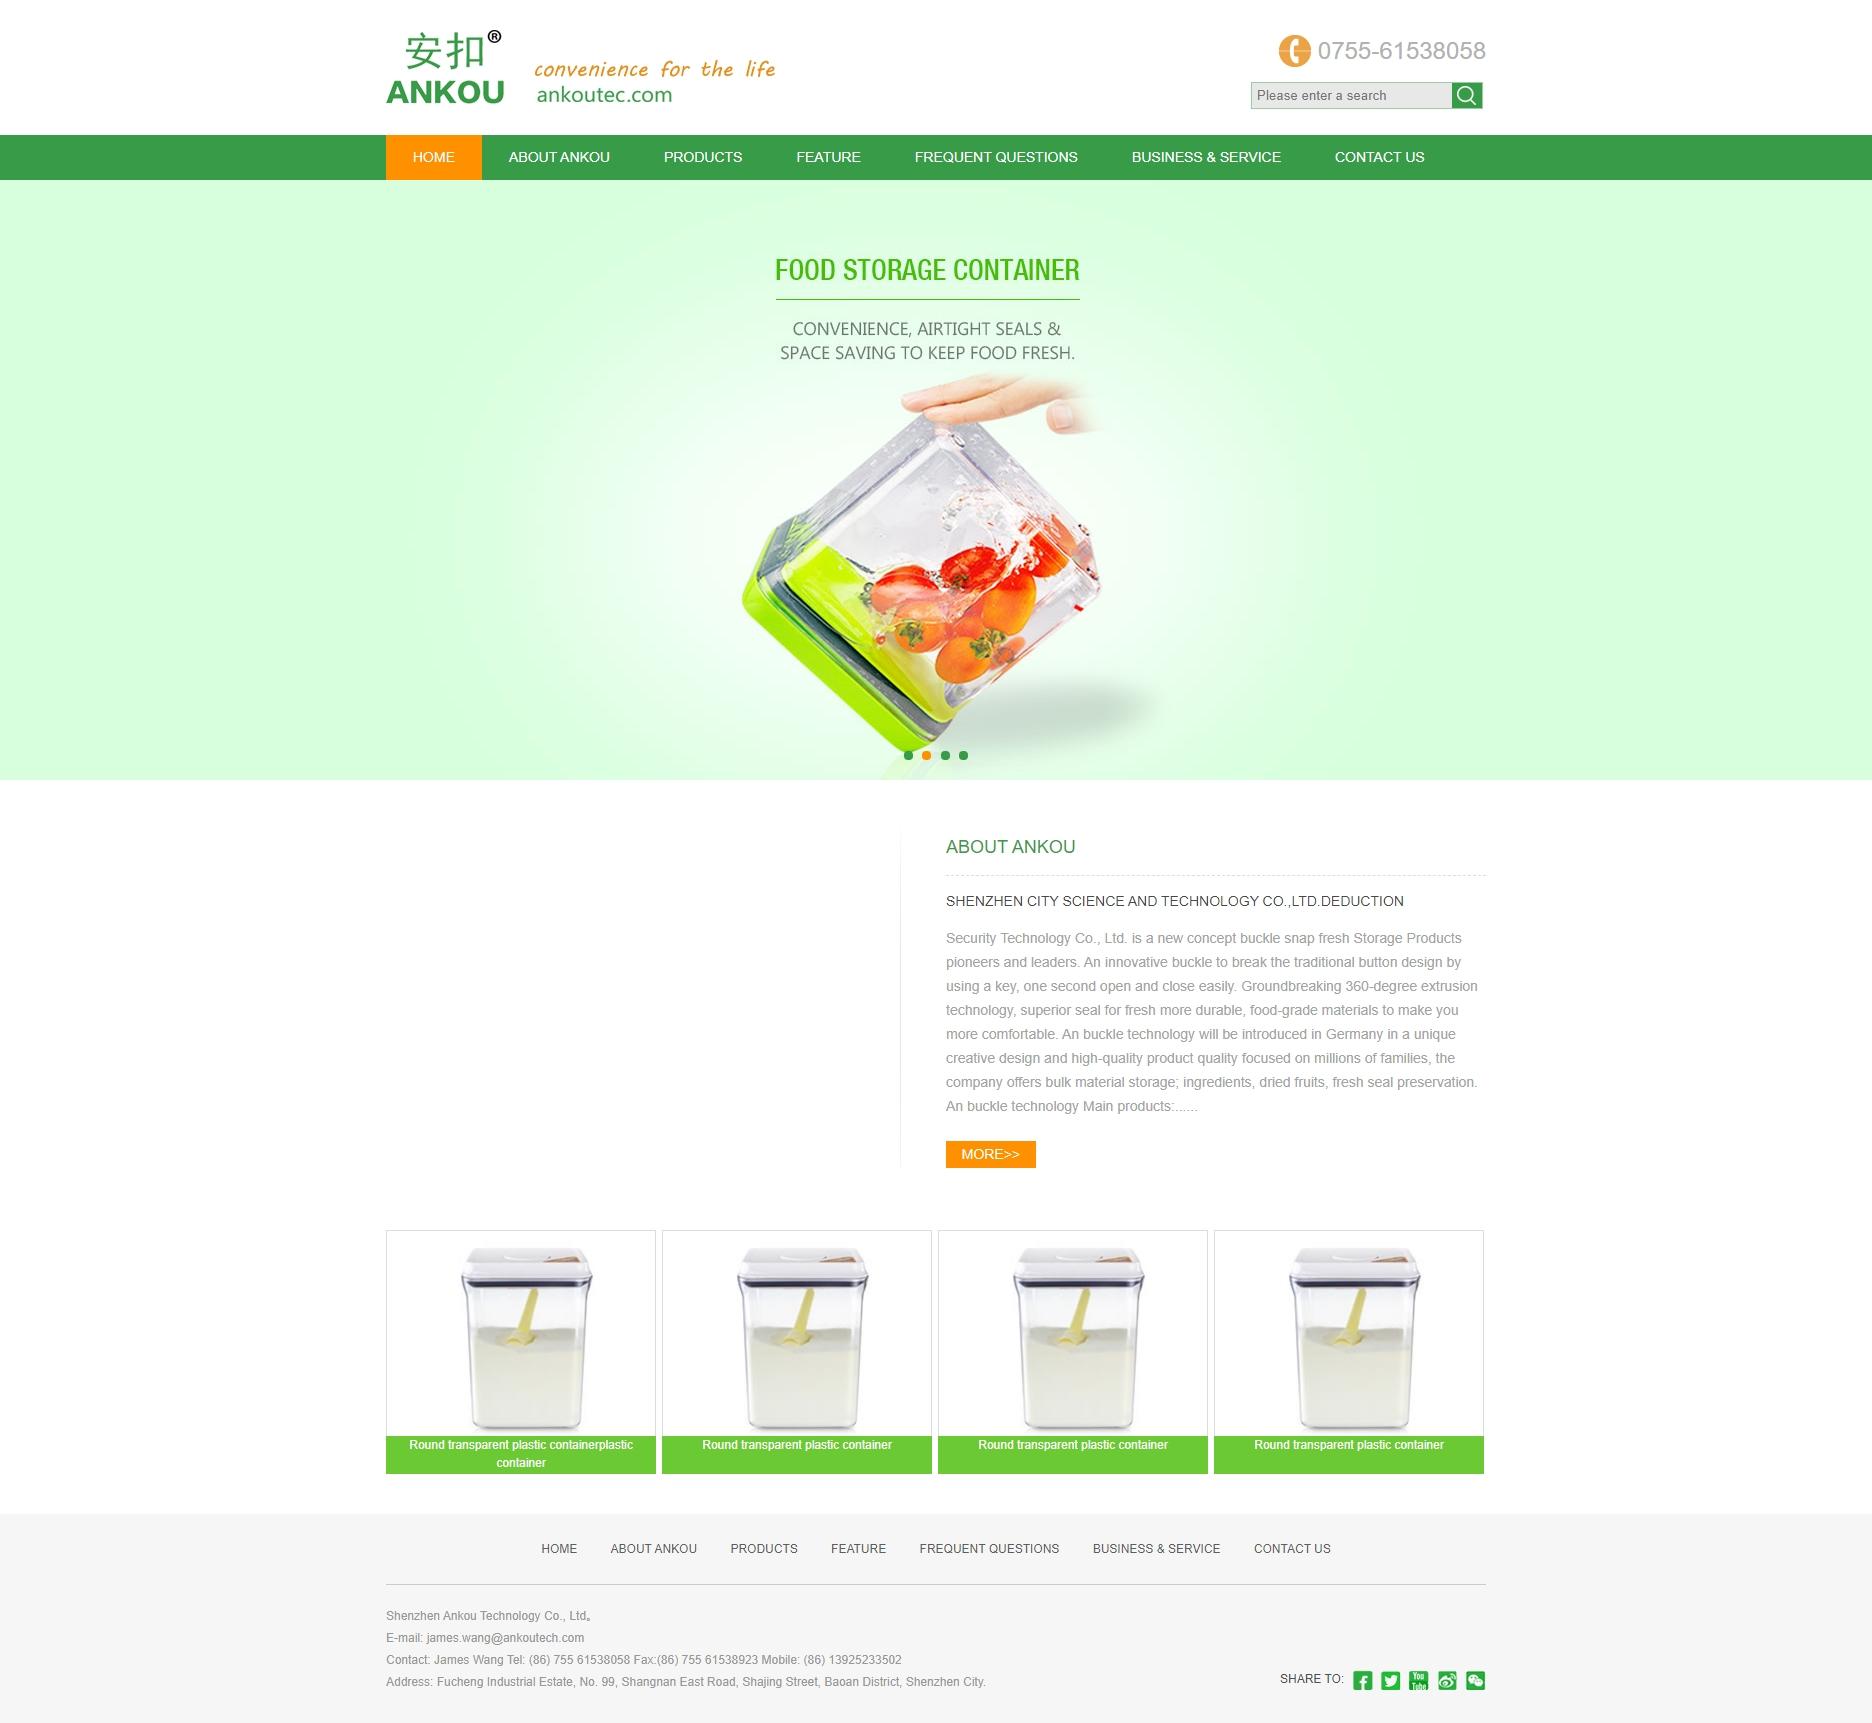 绿色的英文版外贸瓶子网站模板html源码